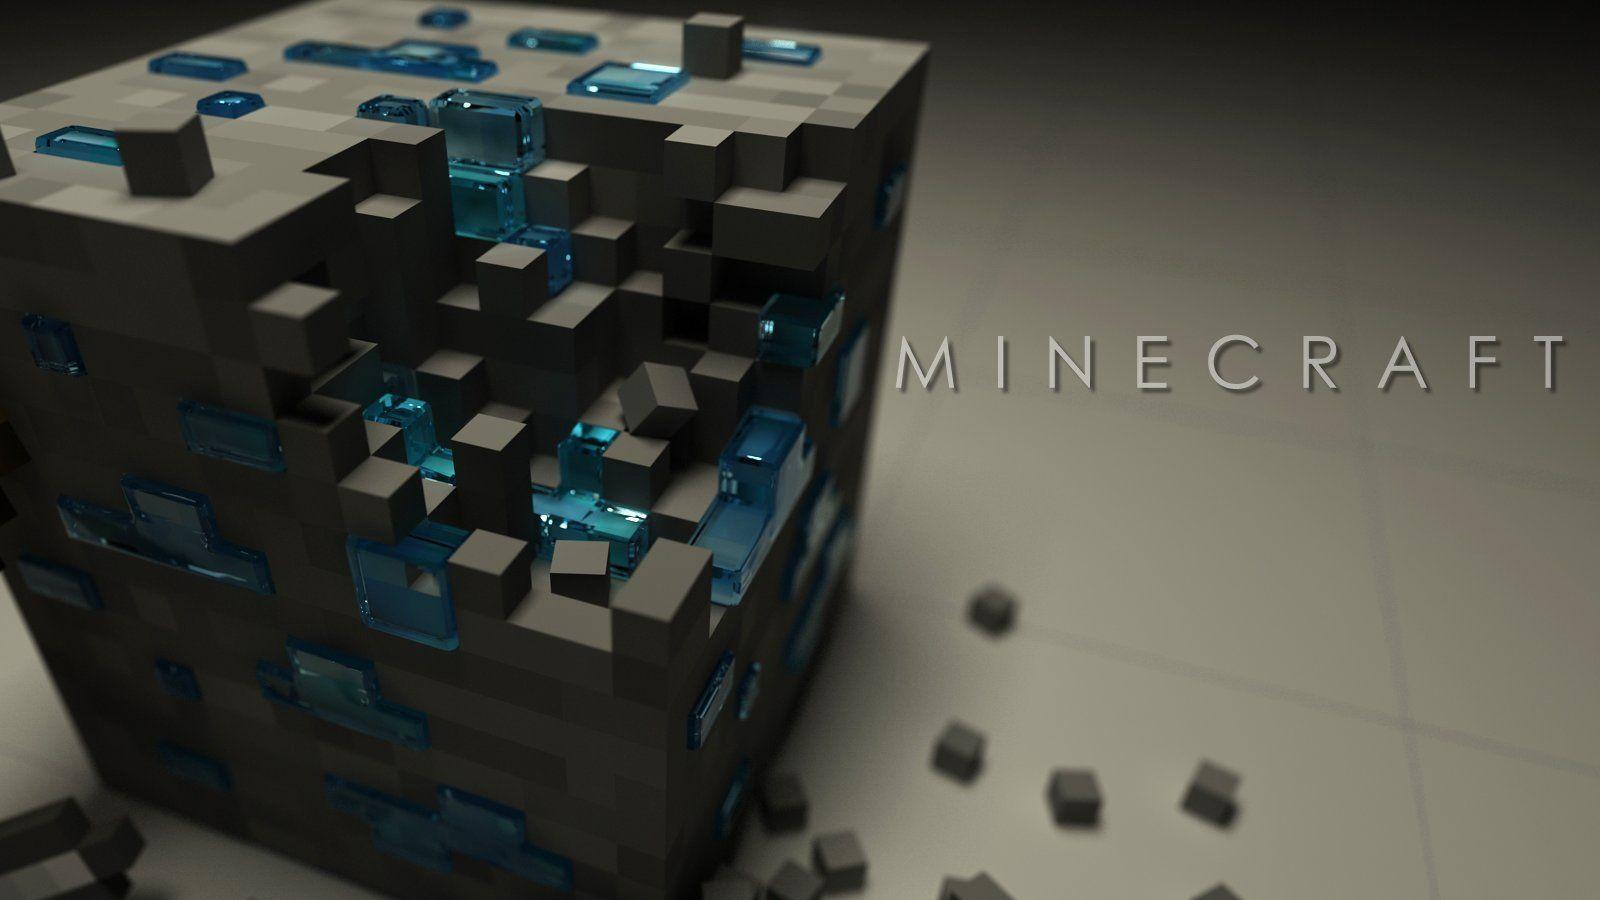 minecraft hd desktop wallpaper widescreen high definition 1600x900